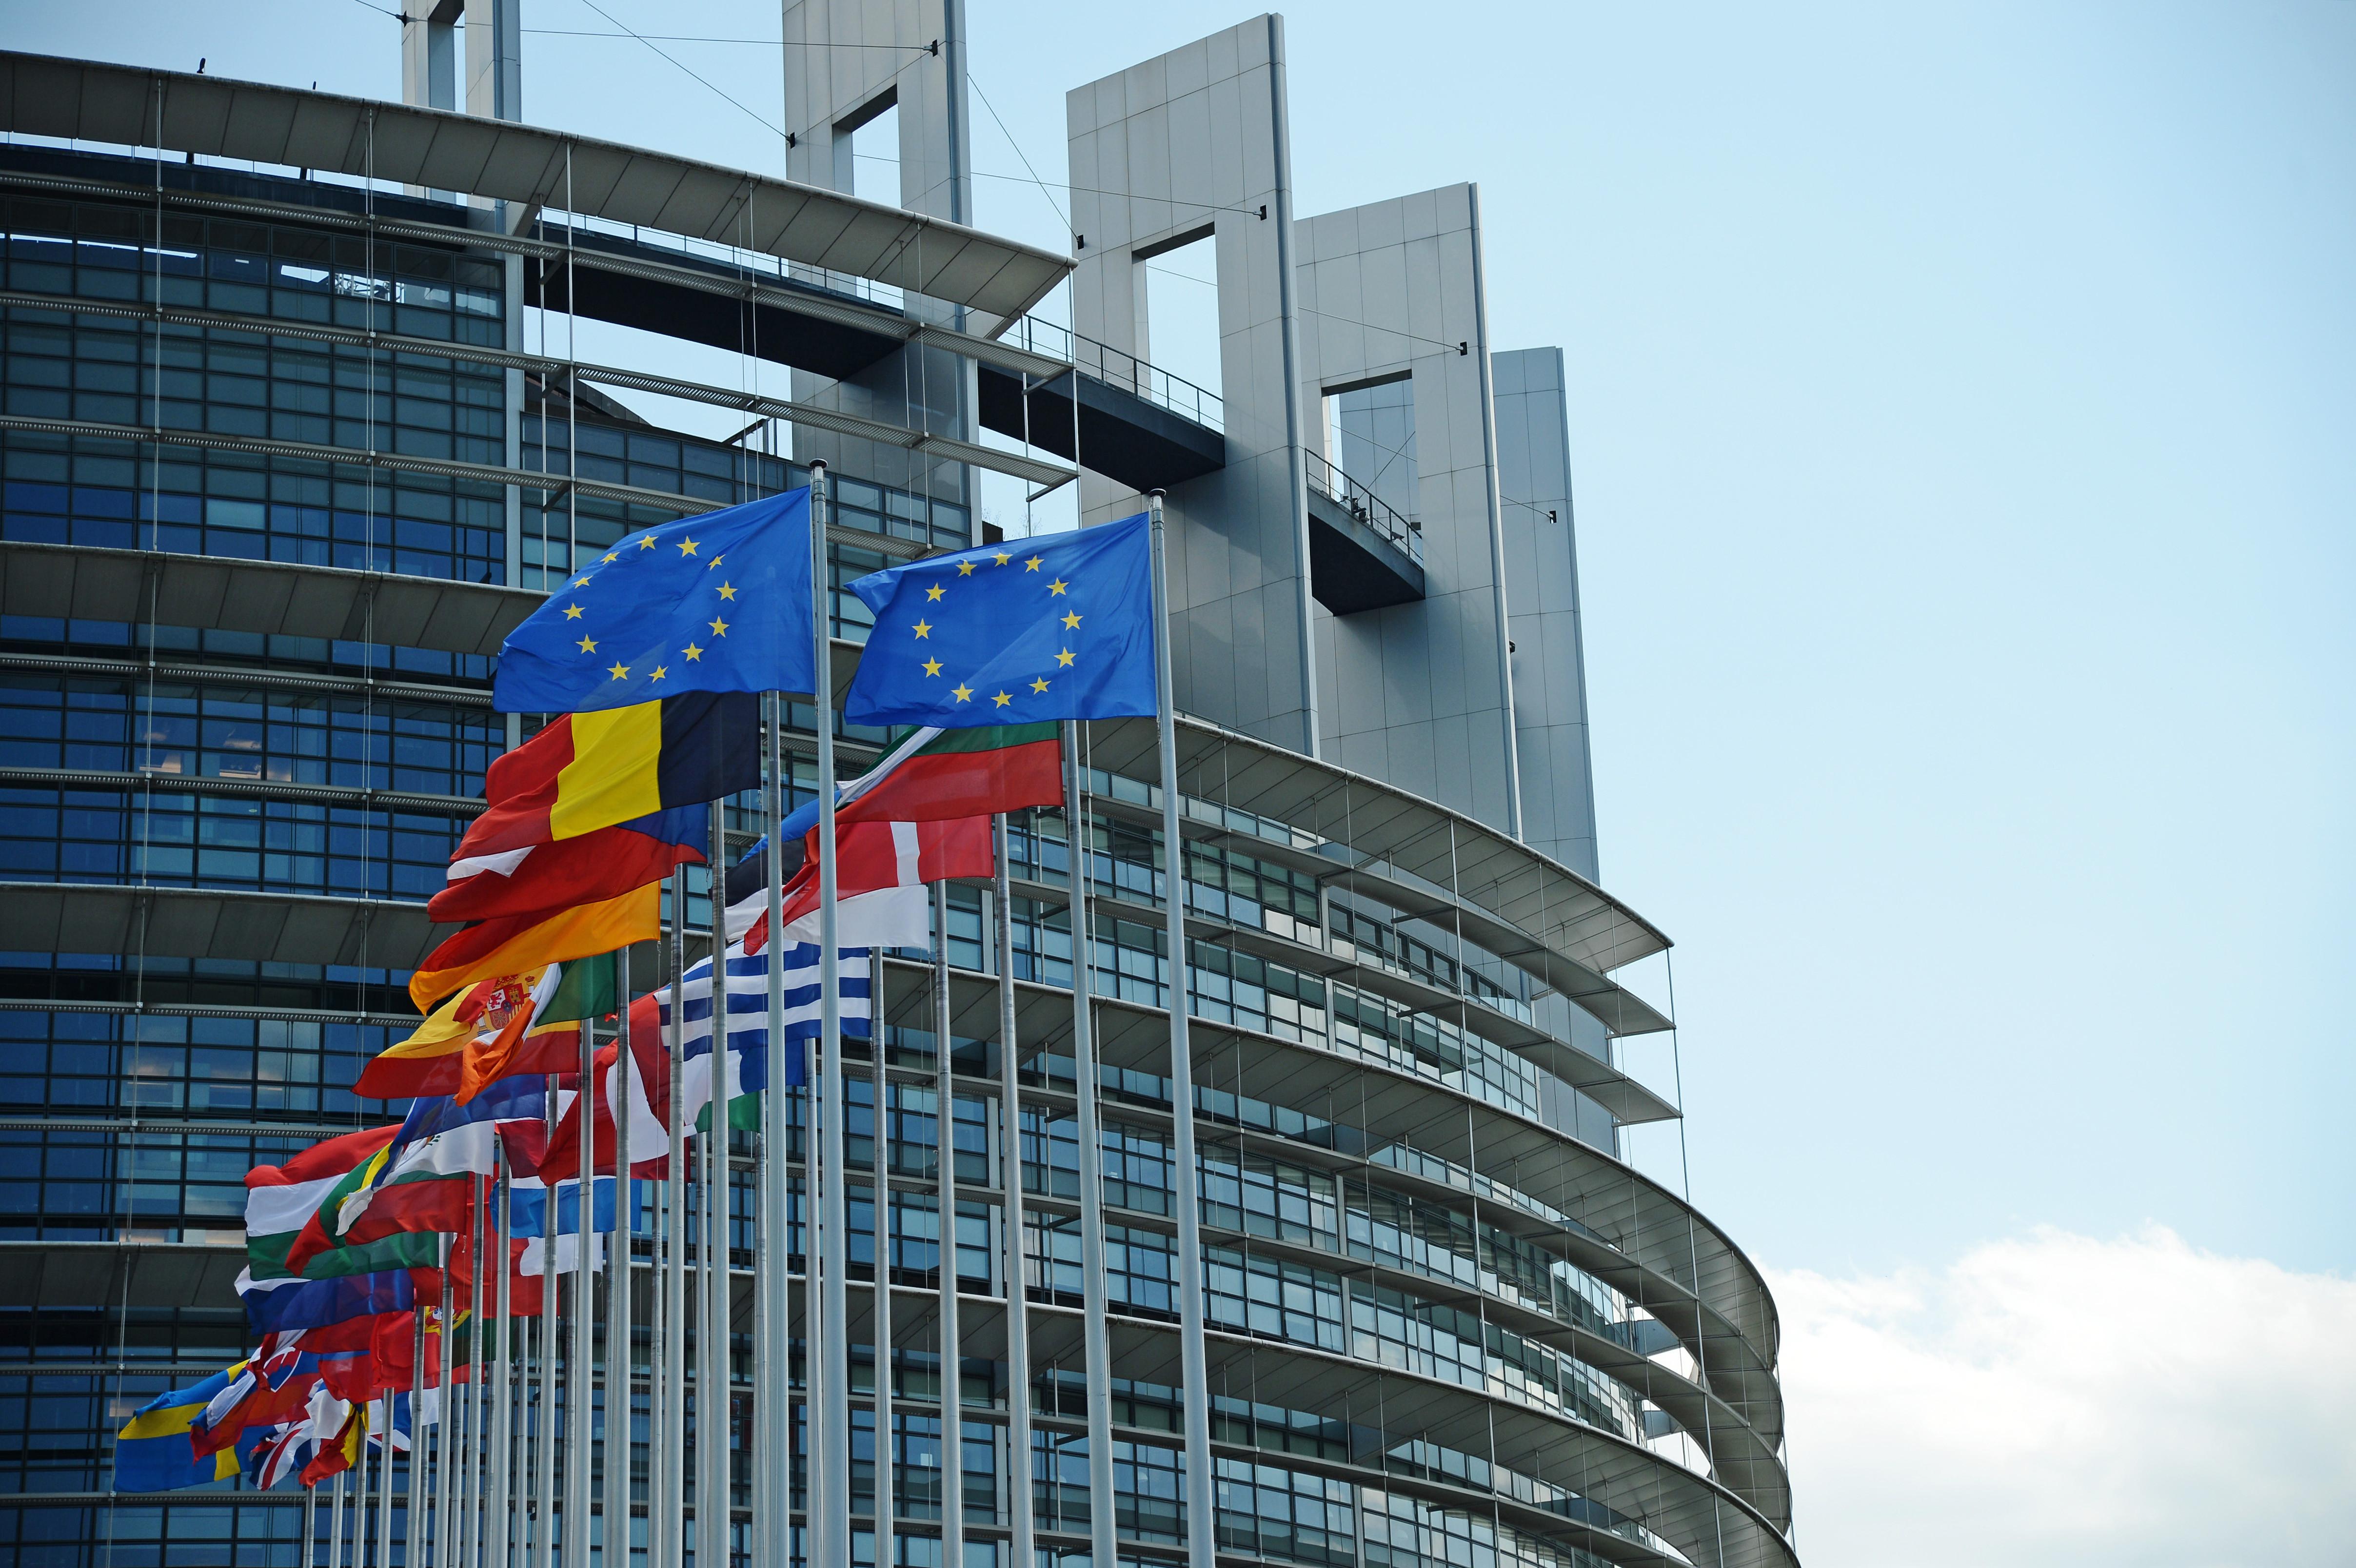 <p>Здание Европейского парламента в Страсбурге. Фото: &copy; РИА Новости/Алексей Витвицкий</p>